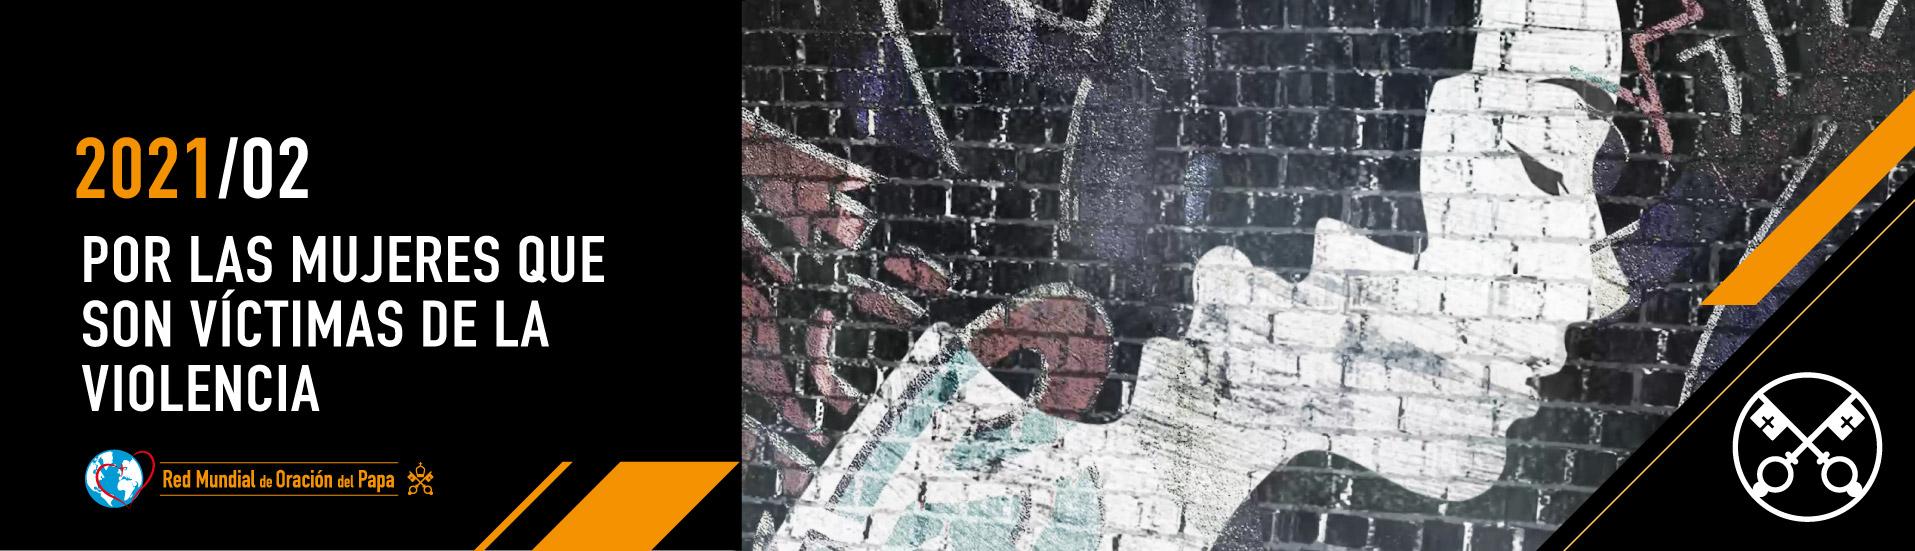 2 2021 ES - El Video del Papa - 1915x550 Por las mujeres que son víctimas de la violencia